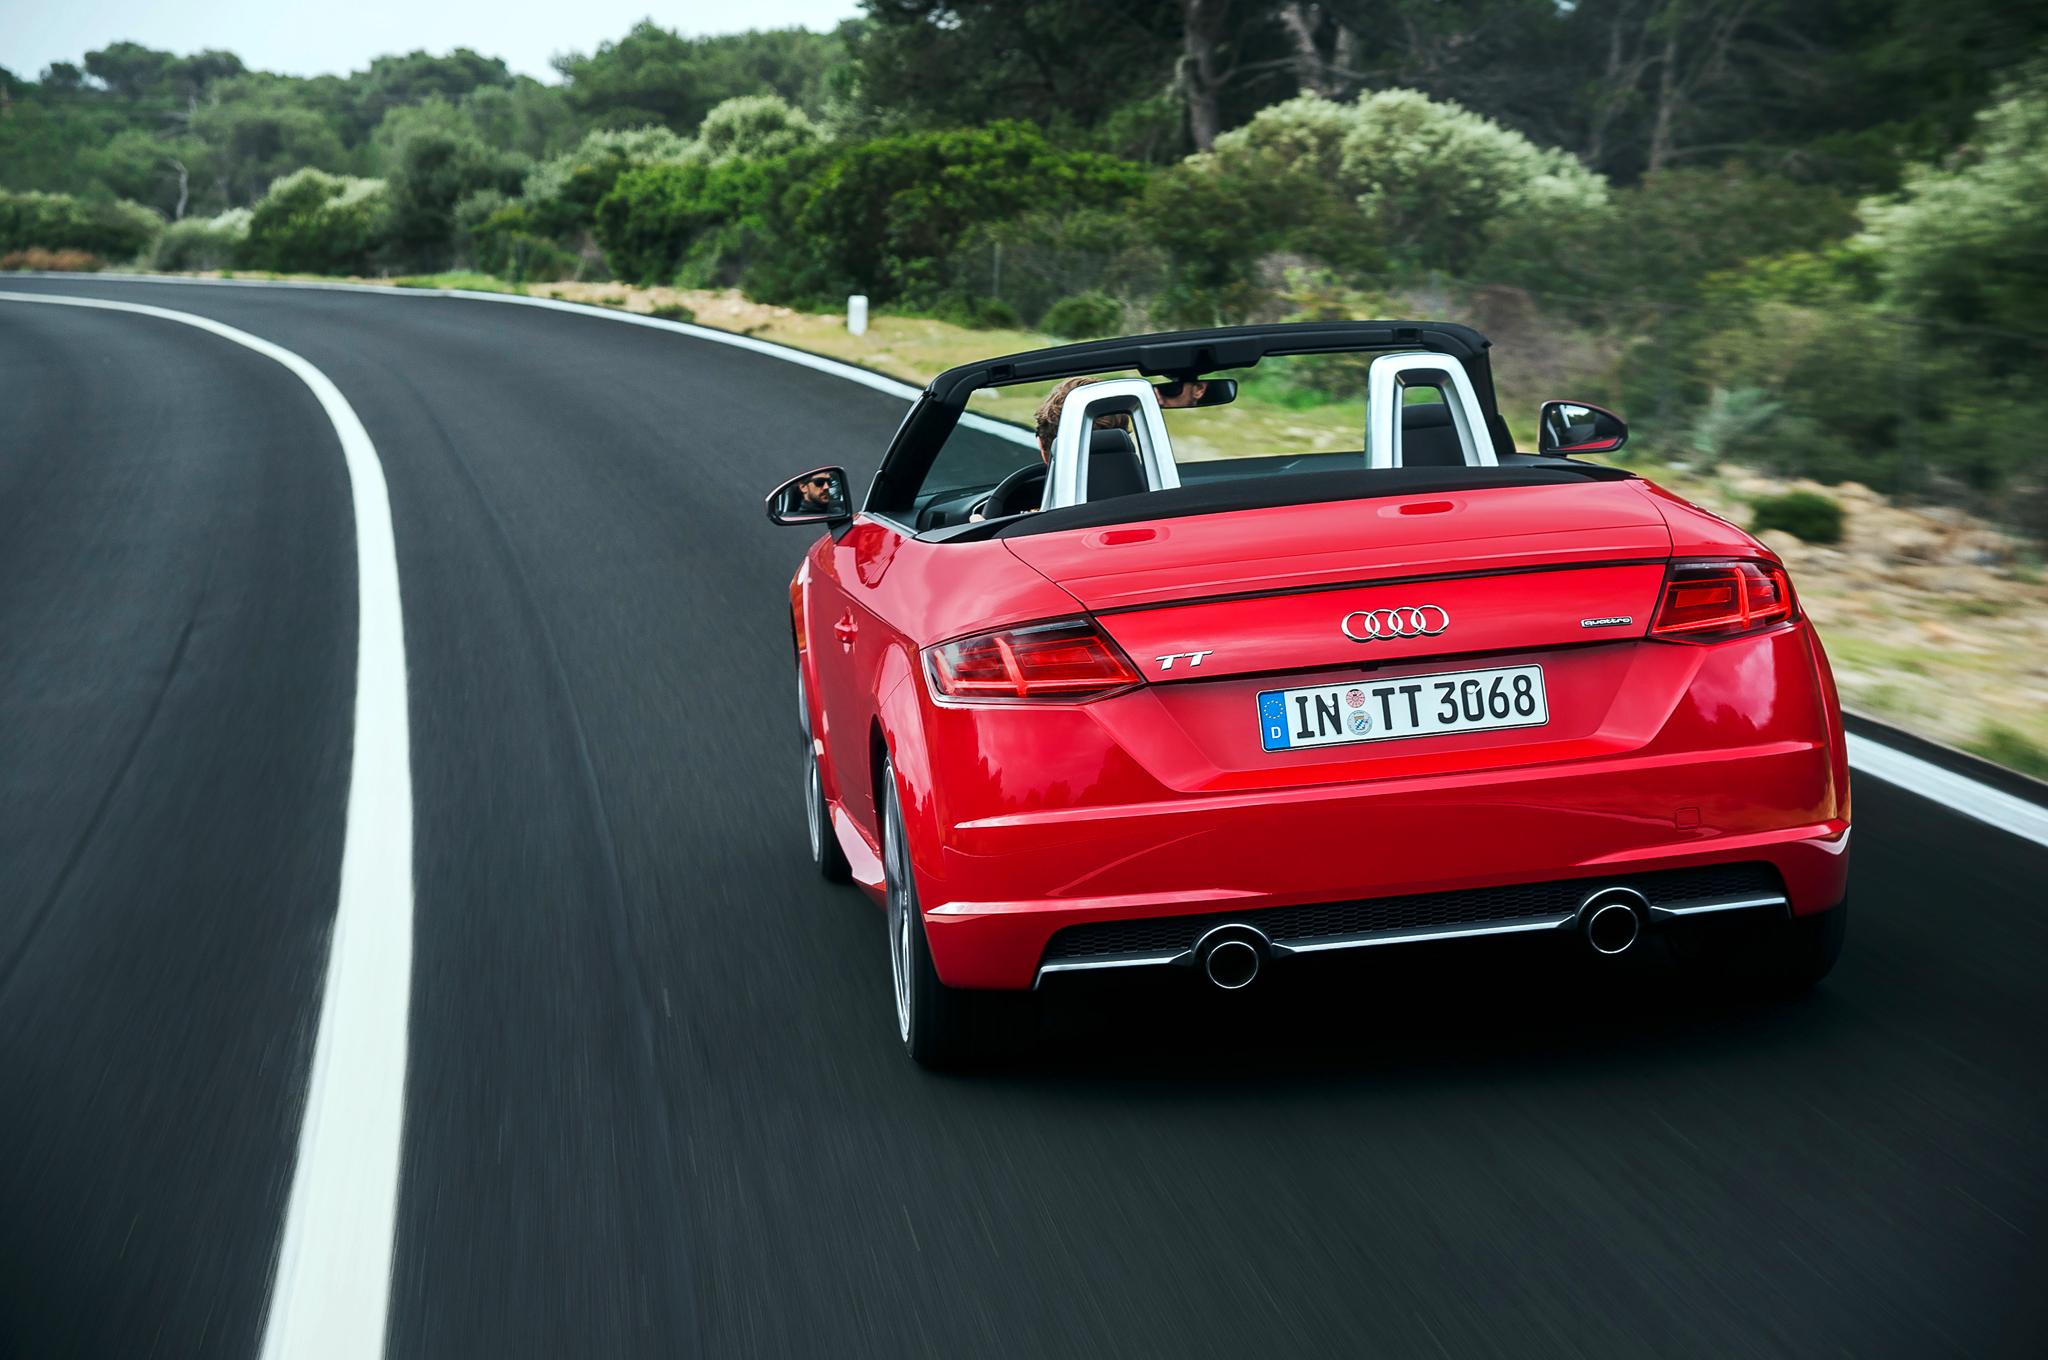 Audi TT 2.0 TDI quattro: Llega la tracción total al motor diésel de 184 CV